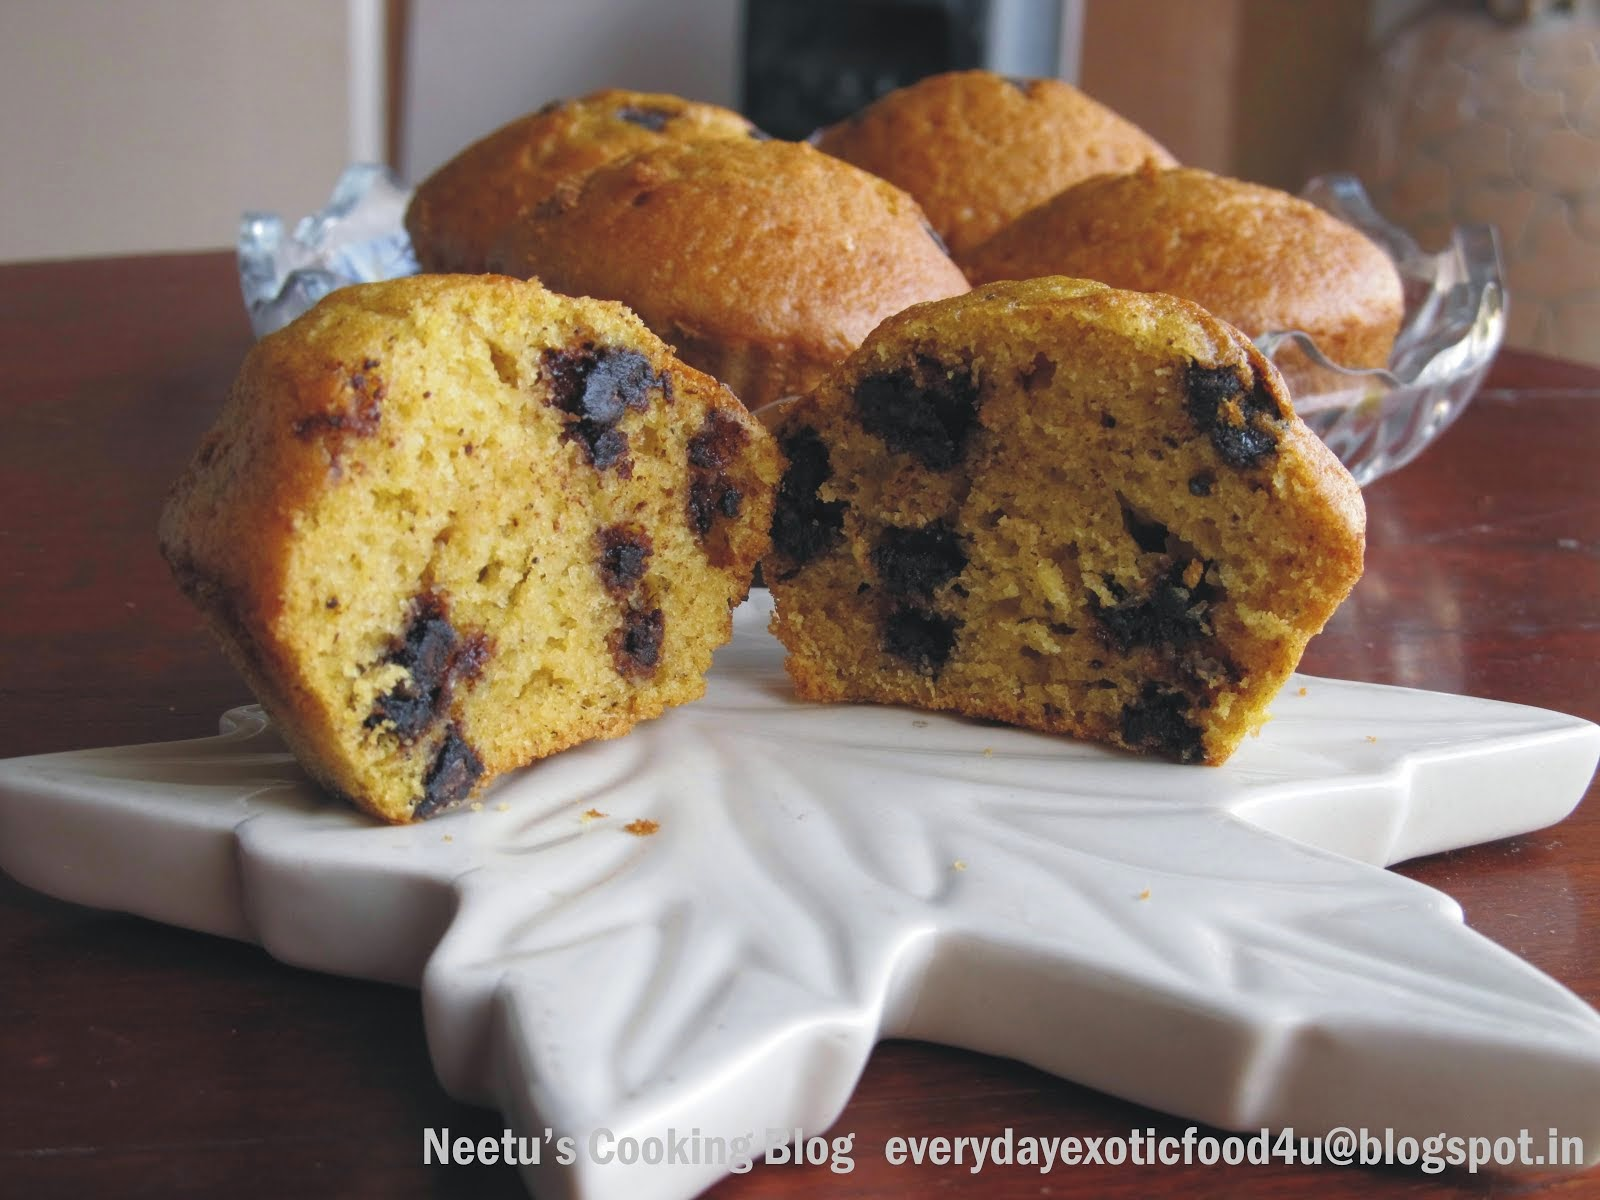 Chocochip Pumpkin Muffins